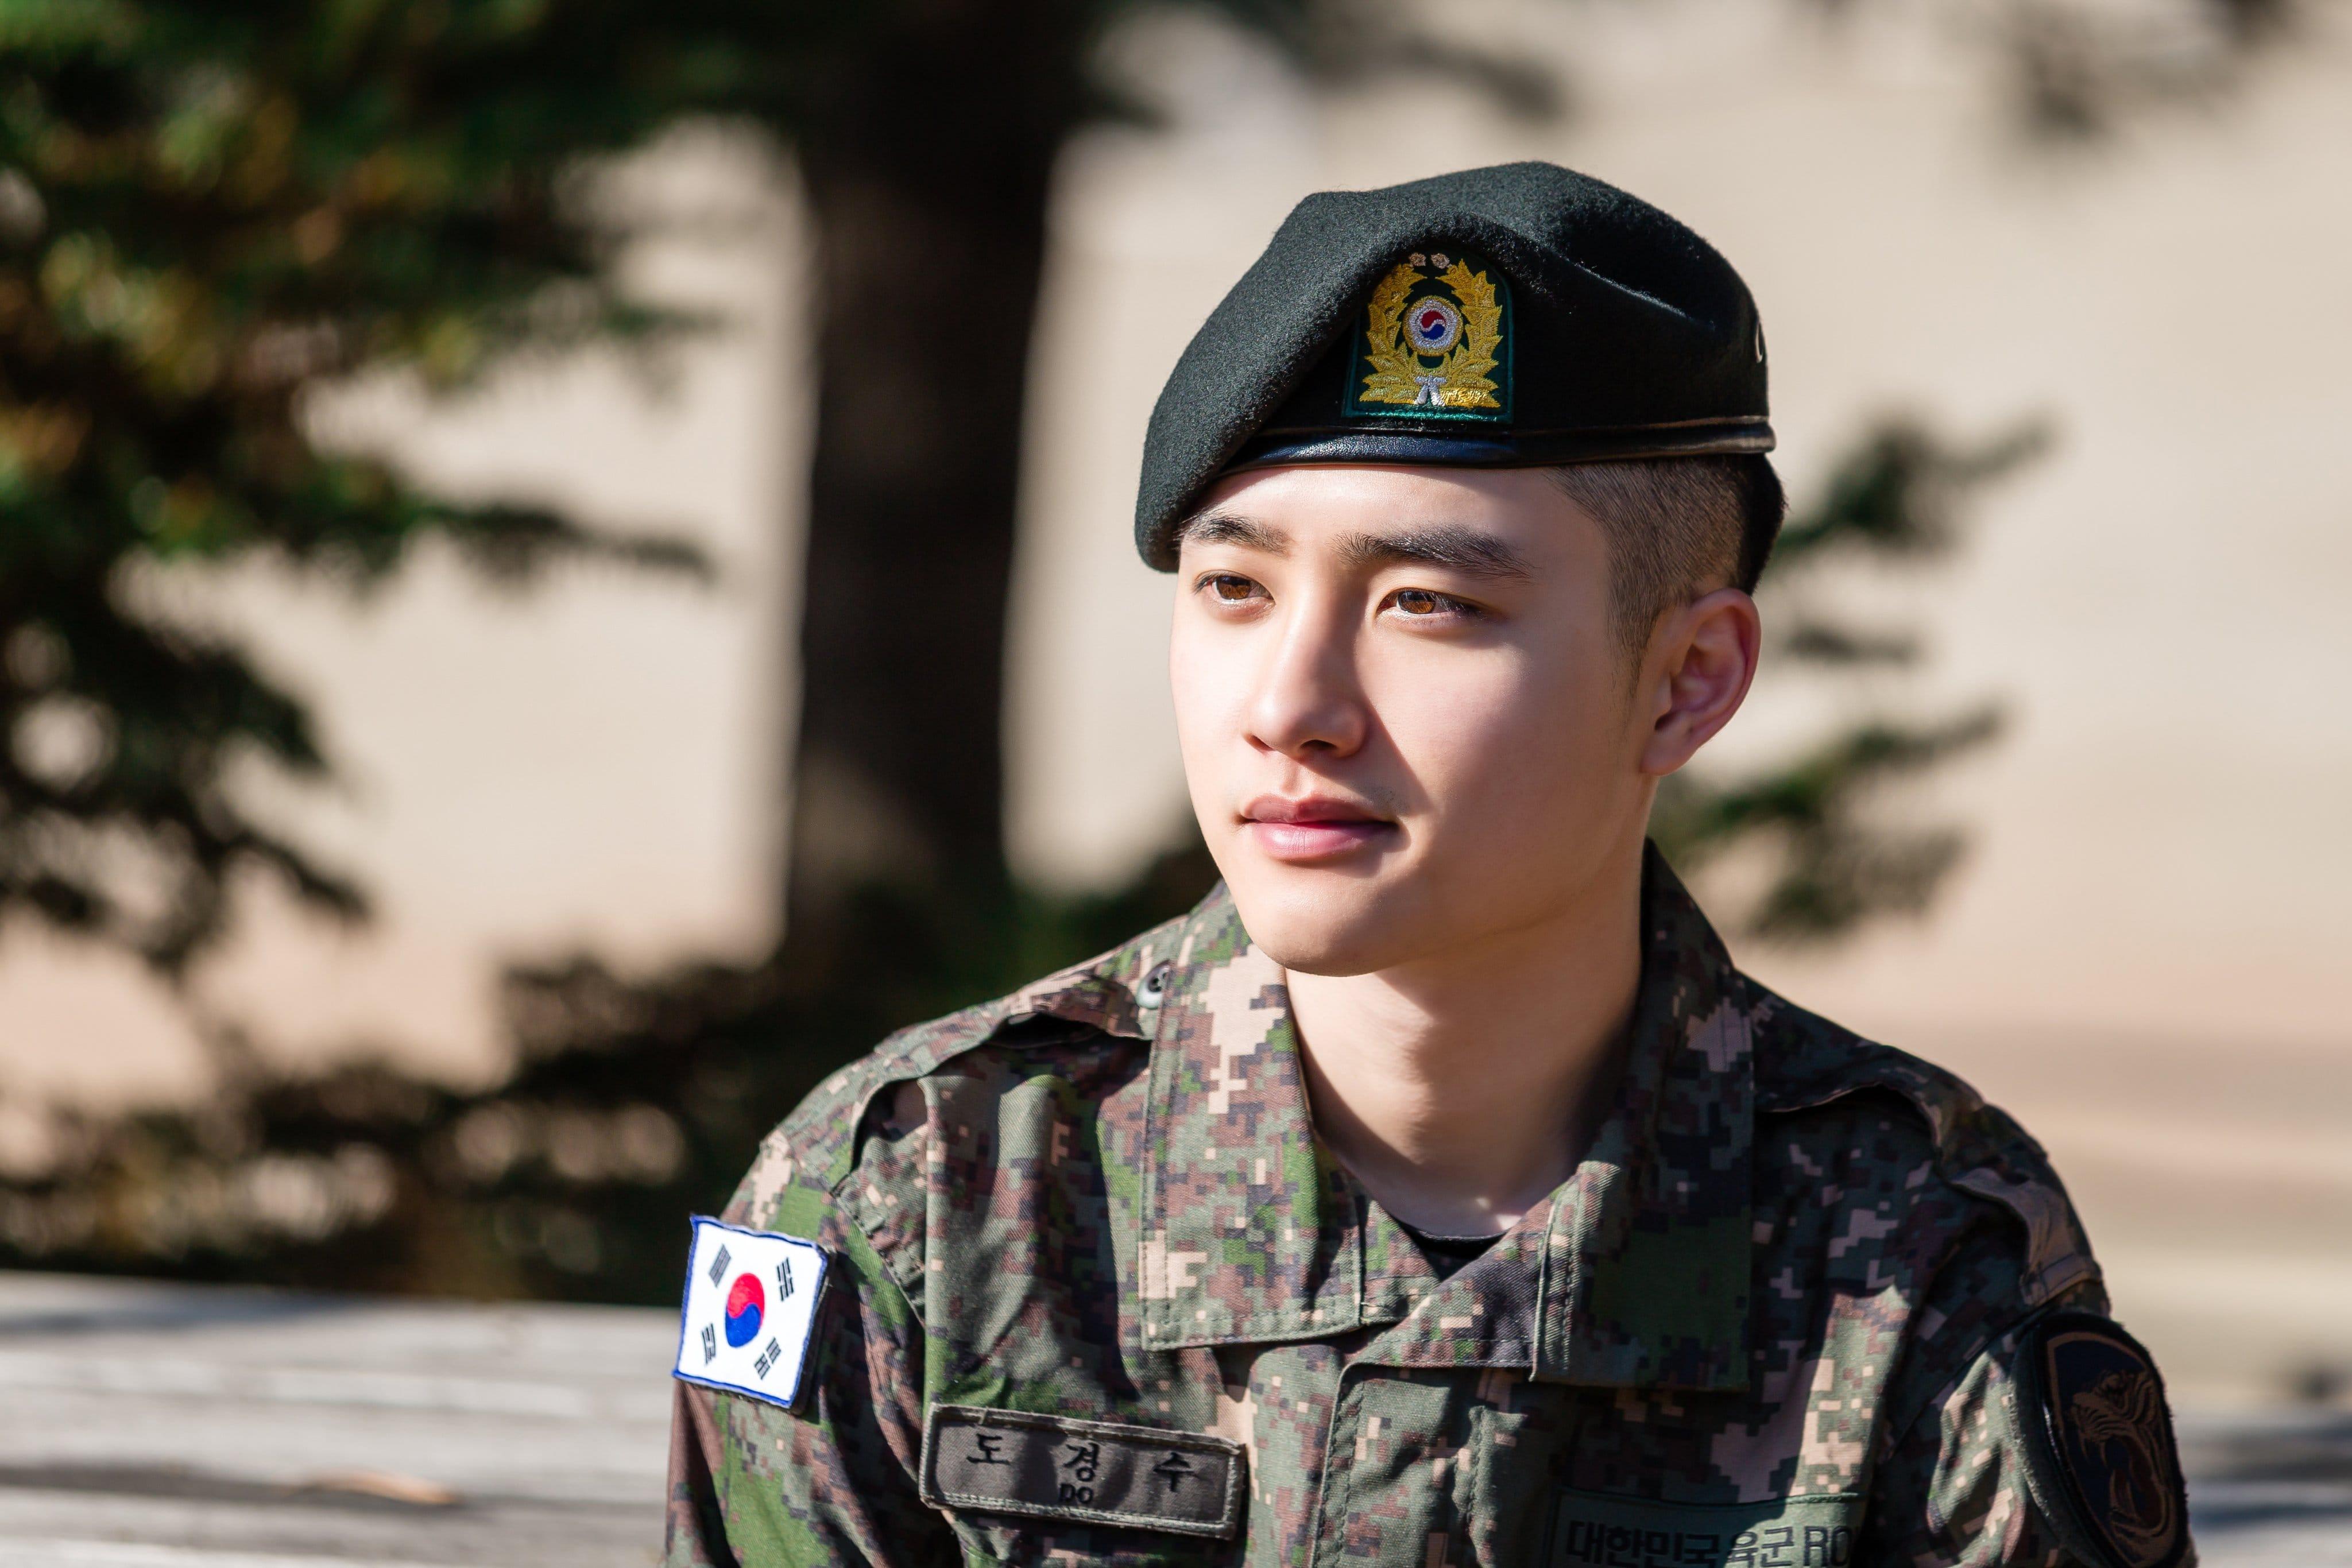 exo do - Militer Ungkap Foto Baru D.O. EXO Dan Yook Sungjae BTOB